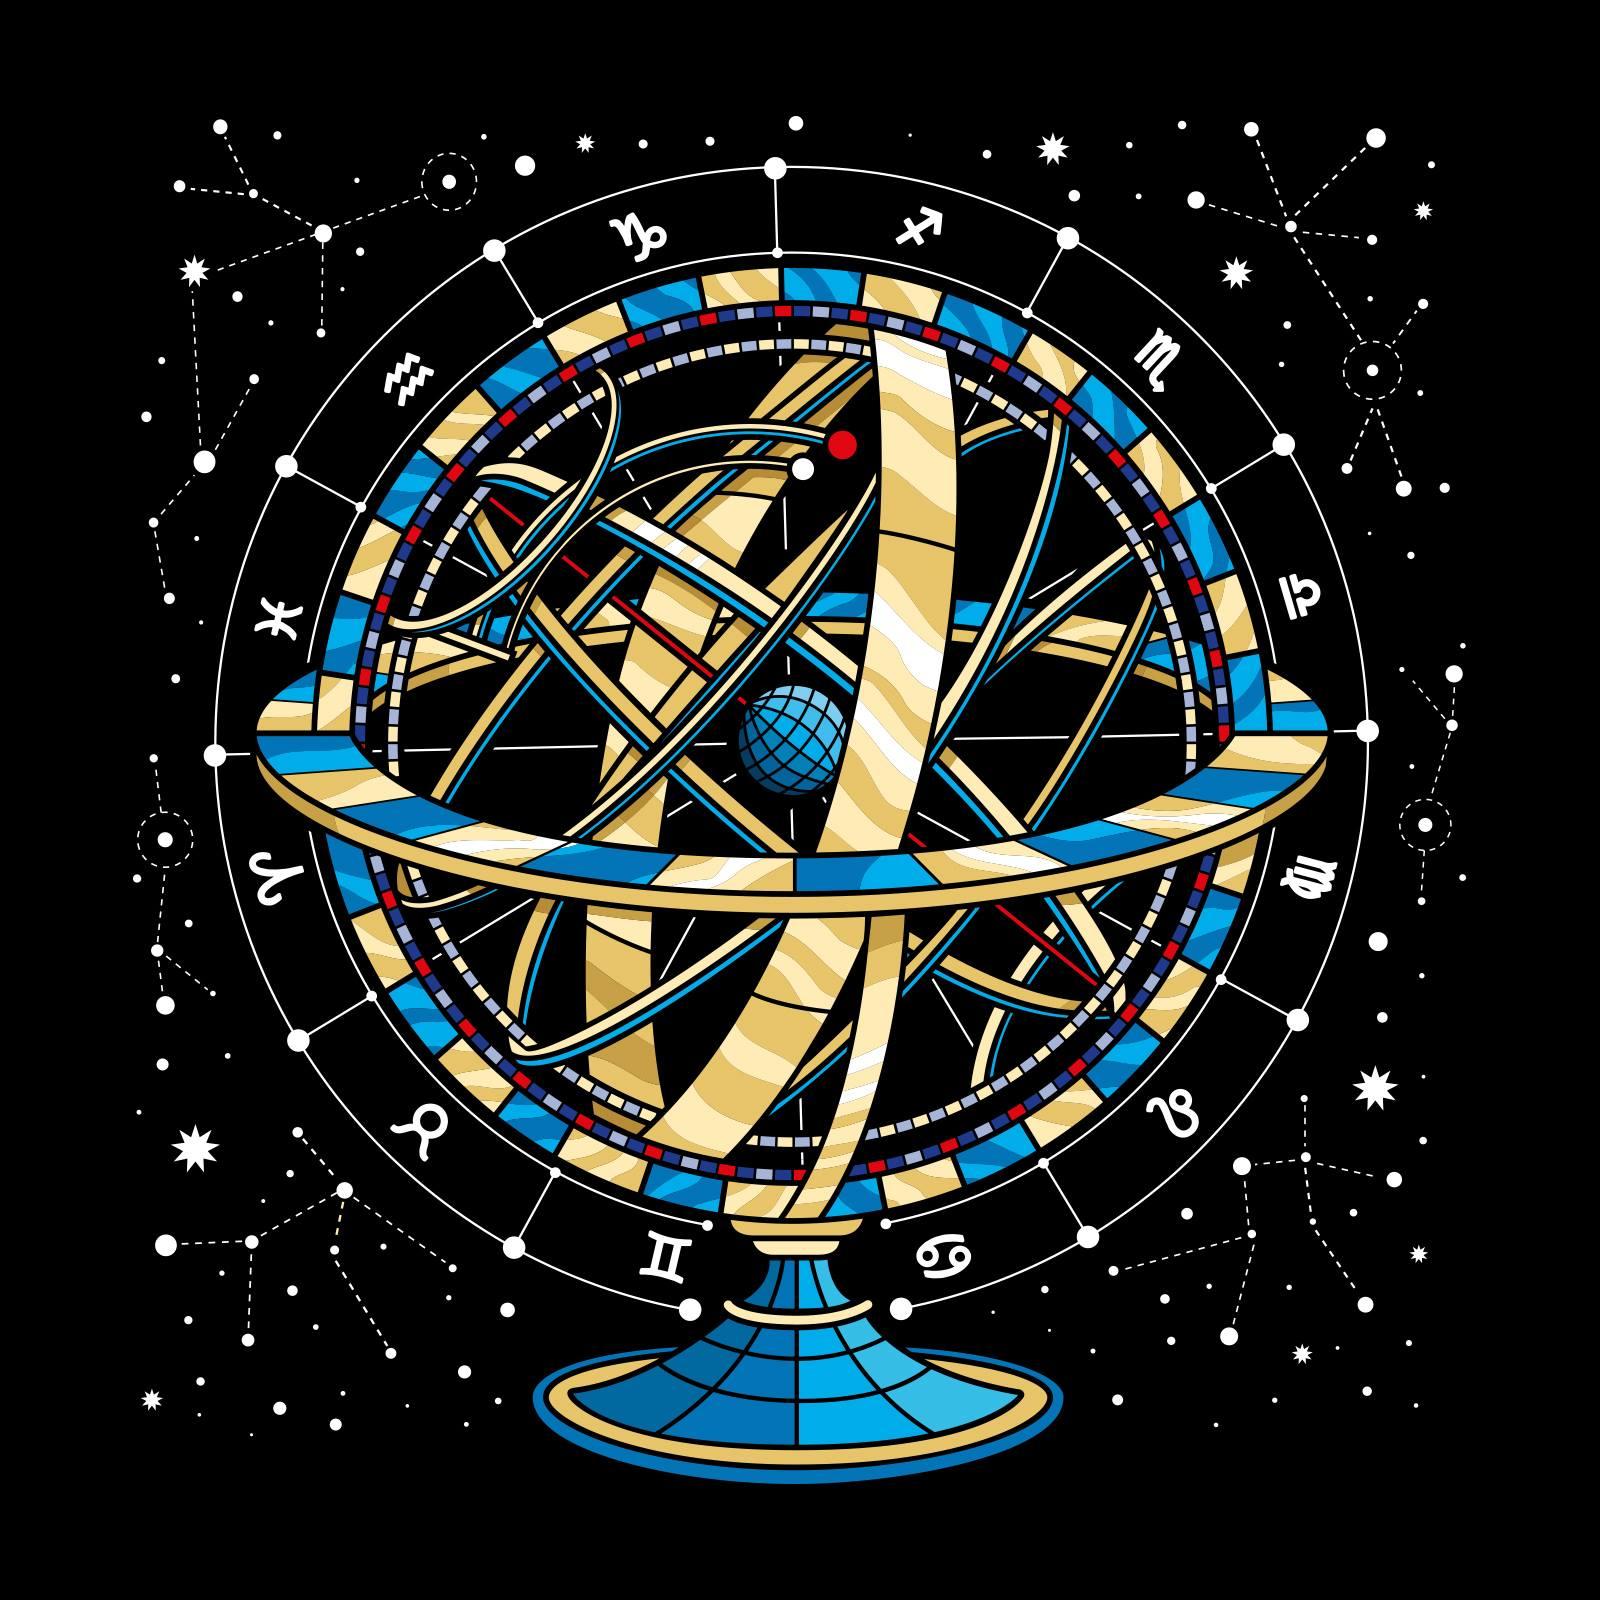 Serigraphie d'une sphère cosmique réalisé par Stéphane Opéra